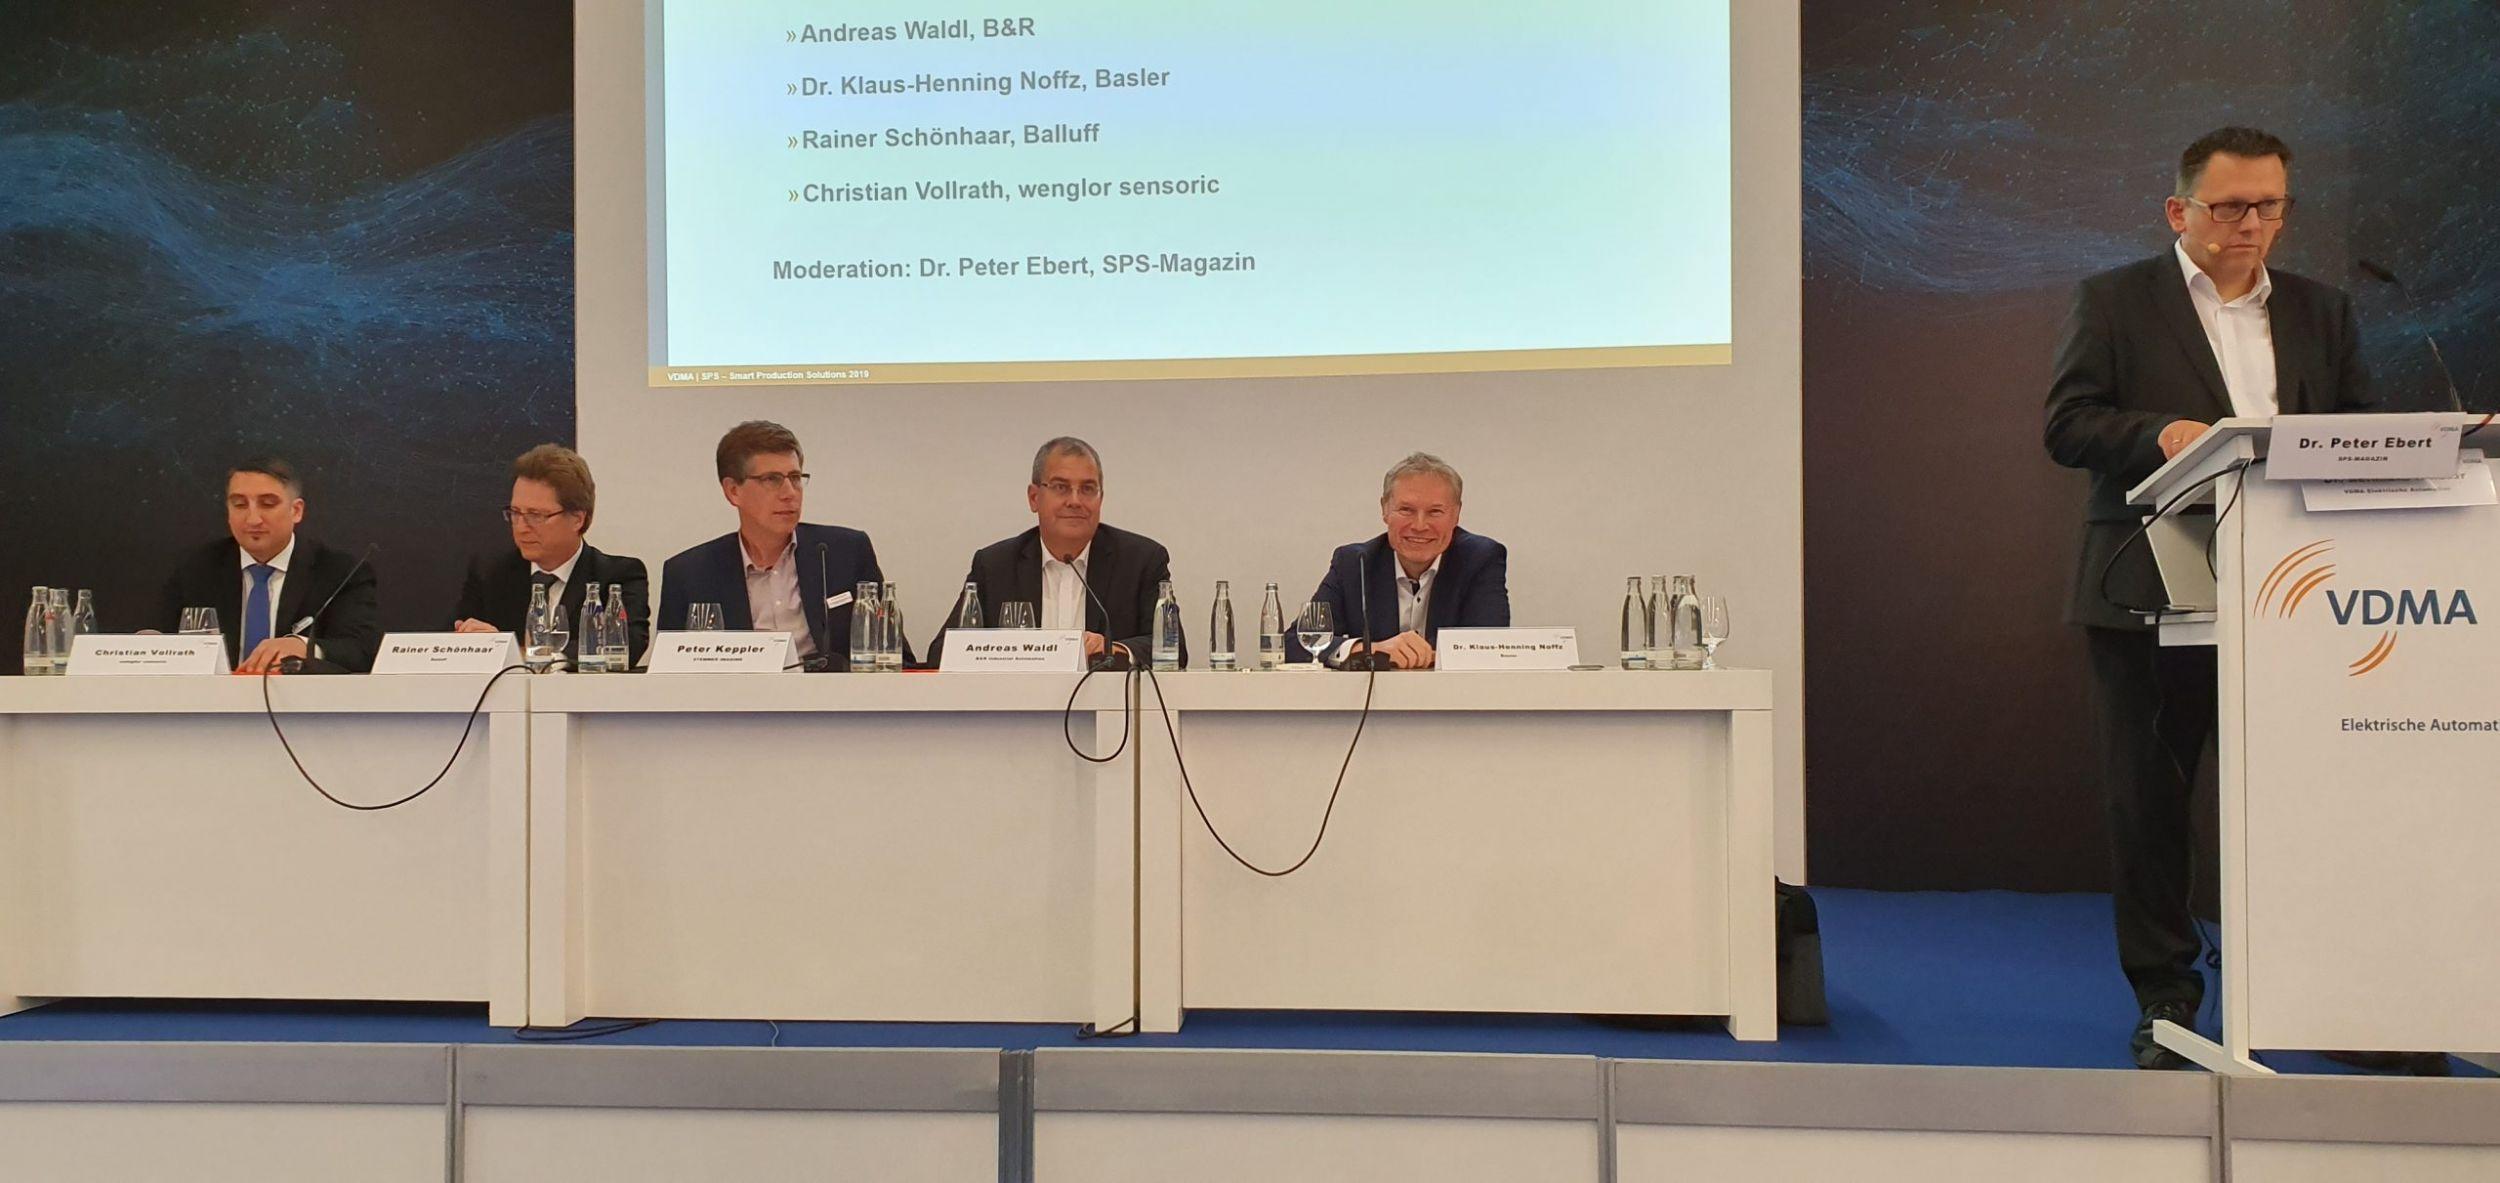 Die Teilnehmer der Expertenrunde (v.l.n.r.): Christian Vollrath (Wenglor), Rainer Schönhaar (Balluff), Peter Keppler (Stemmer Imaging), Andreas Waldl (B&R) und Dr. Klaus-Henning Noffz (Basler). (Bild: TeDo Verlag GmbH)